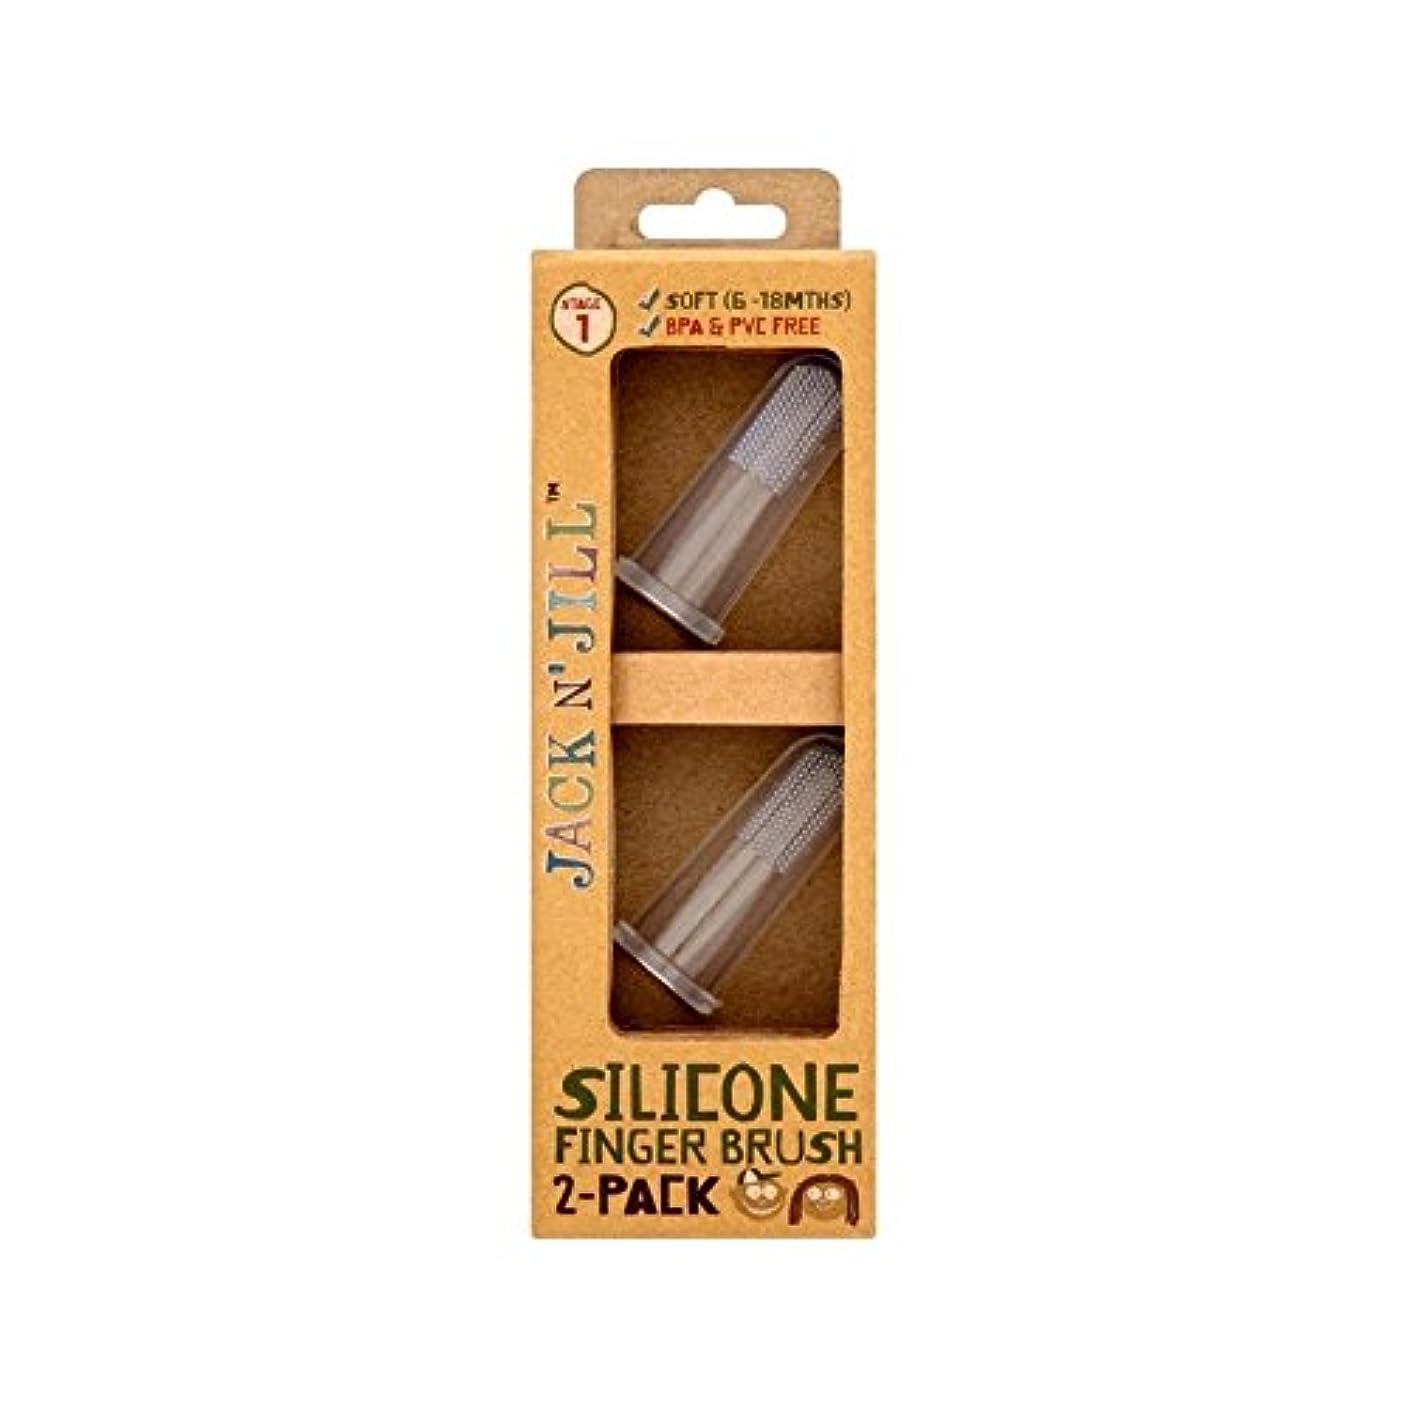 失われた観光に行く初期シリコーン指ブラシ2パックあたりパック2 (Jack N Jill) - Jack N' Jill Silicone Finger Brush 2 Pack 2 per pack [並行輸入品]